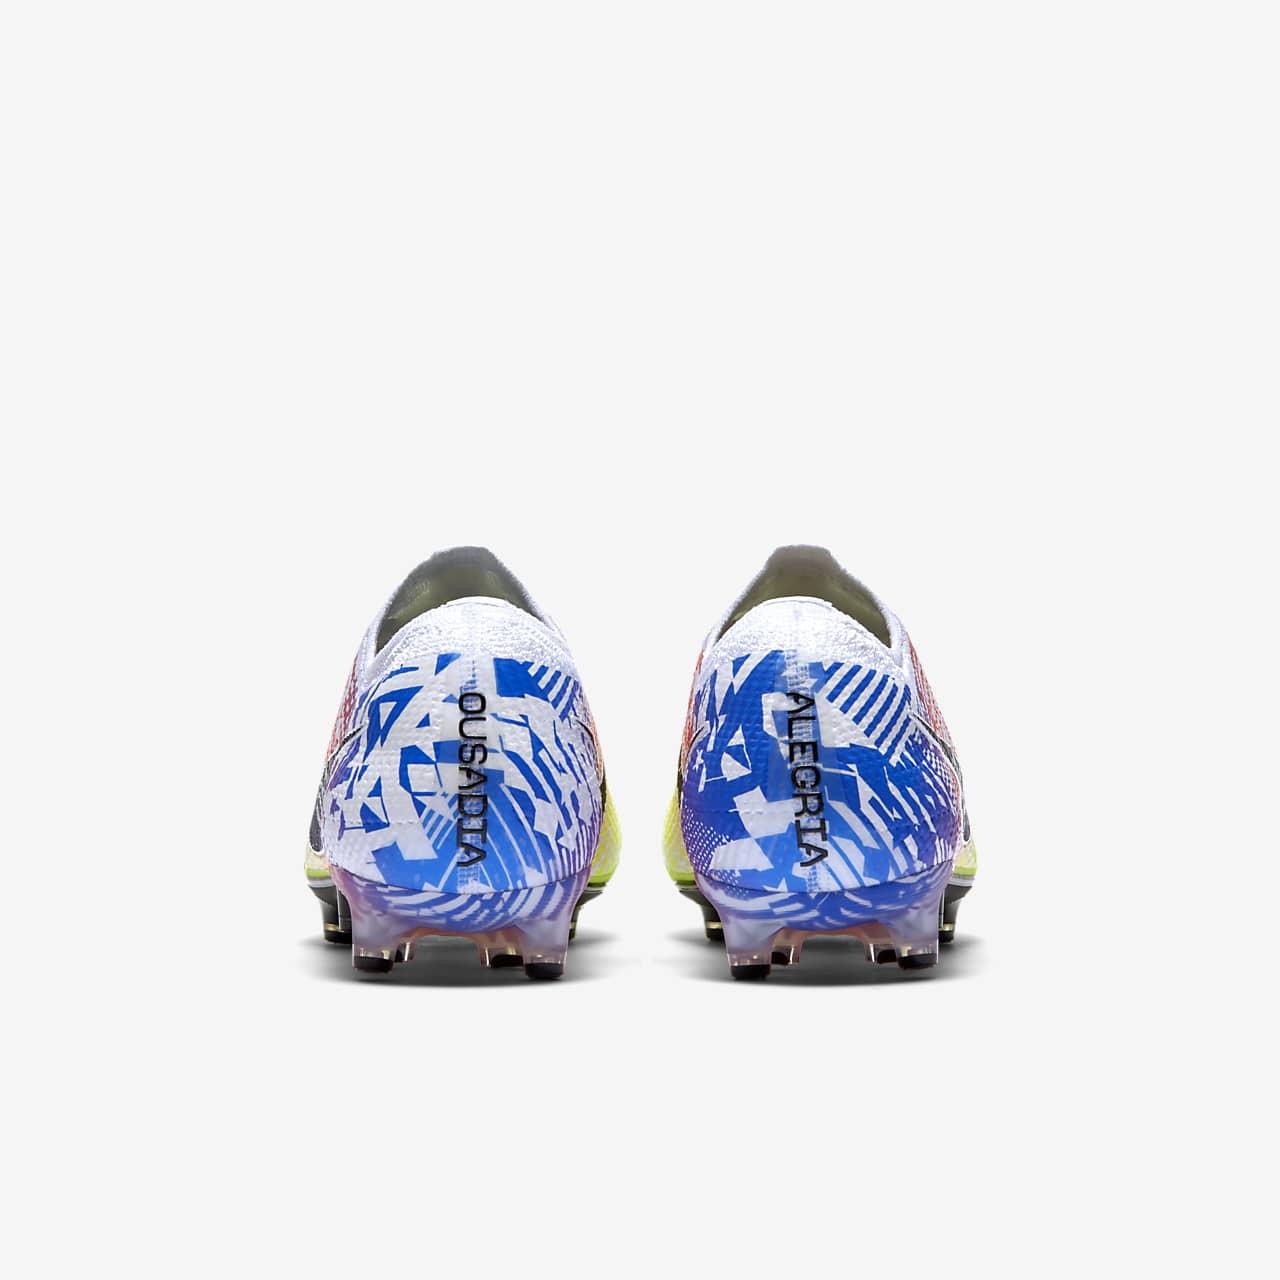 Chaussure de football à crampons pour terrain synthétique Nike Mercurial Vapor 13 Elite Neymar Jr. AG PRO